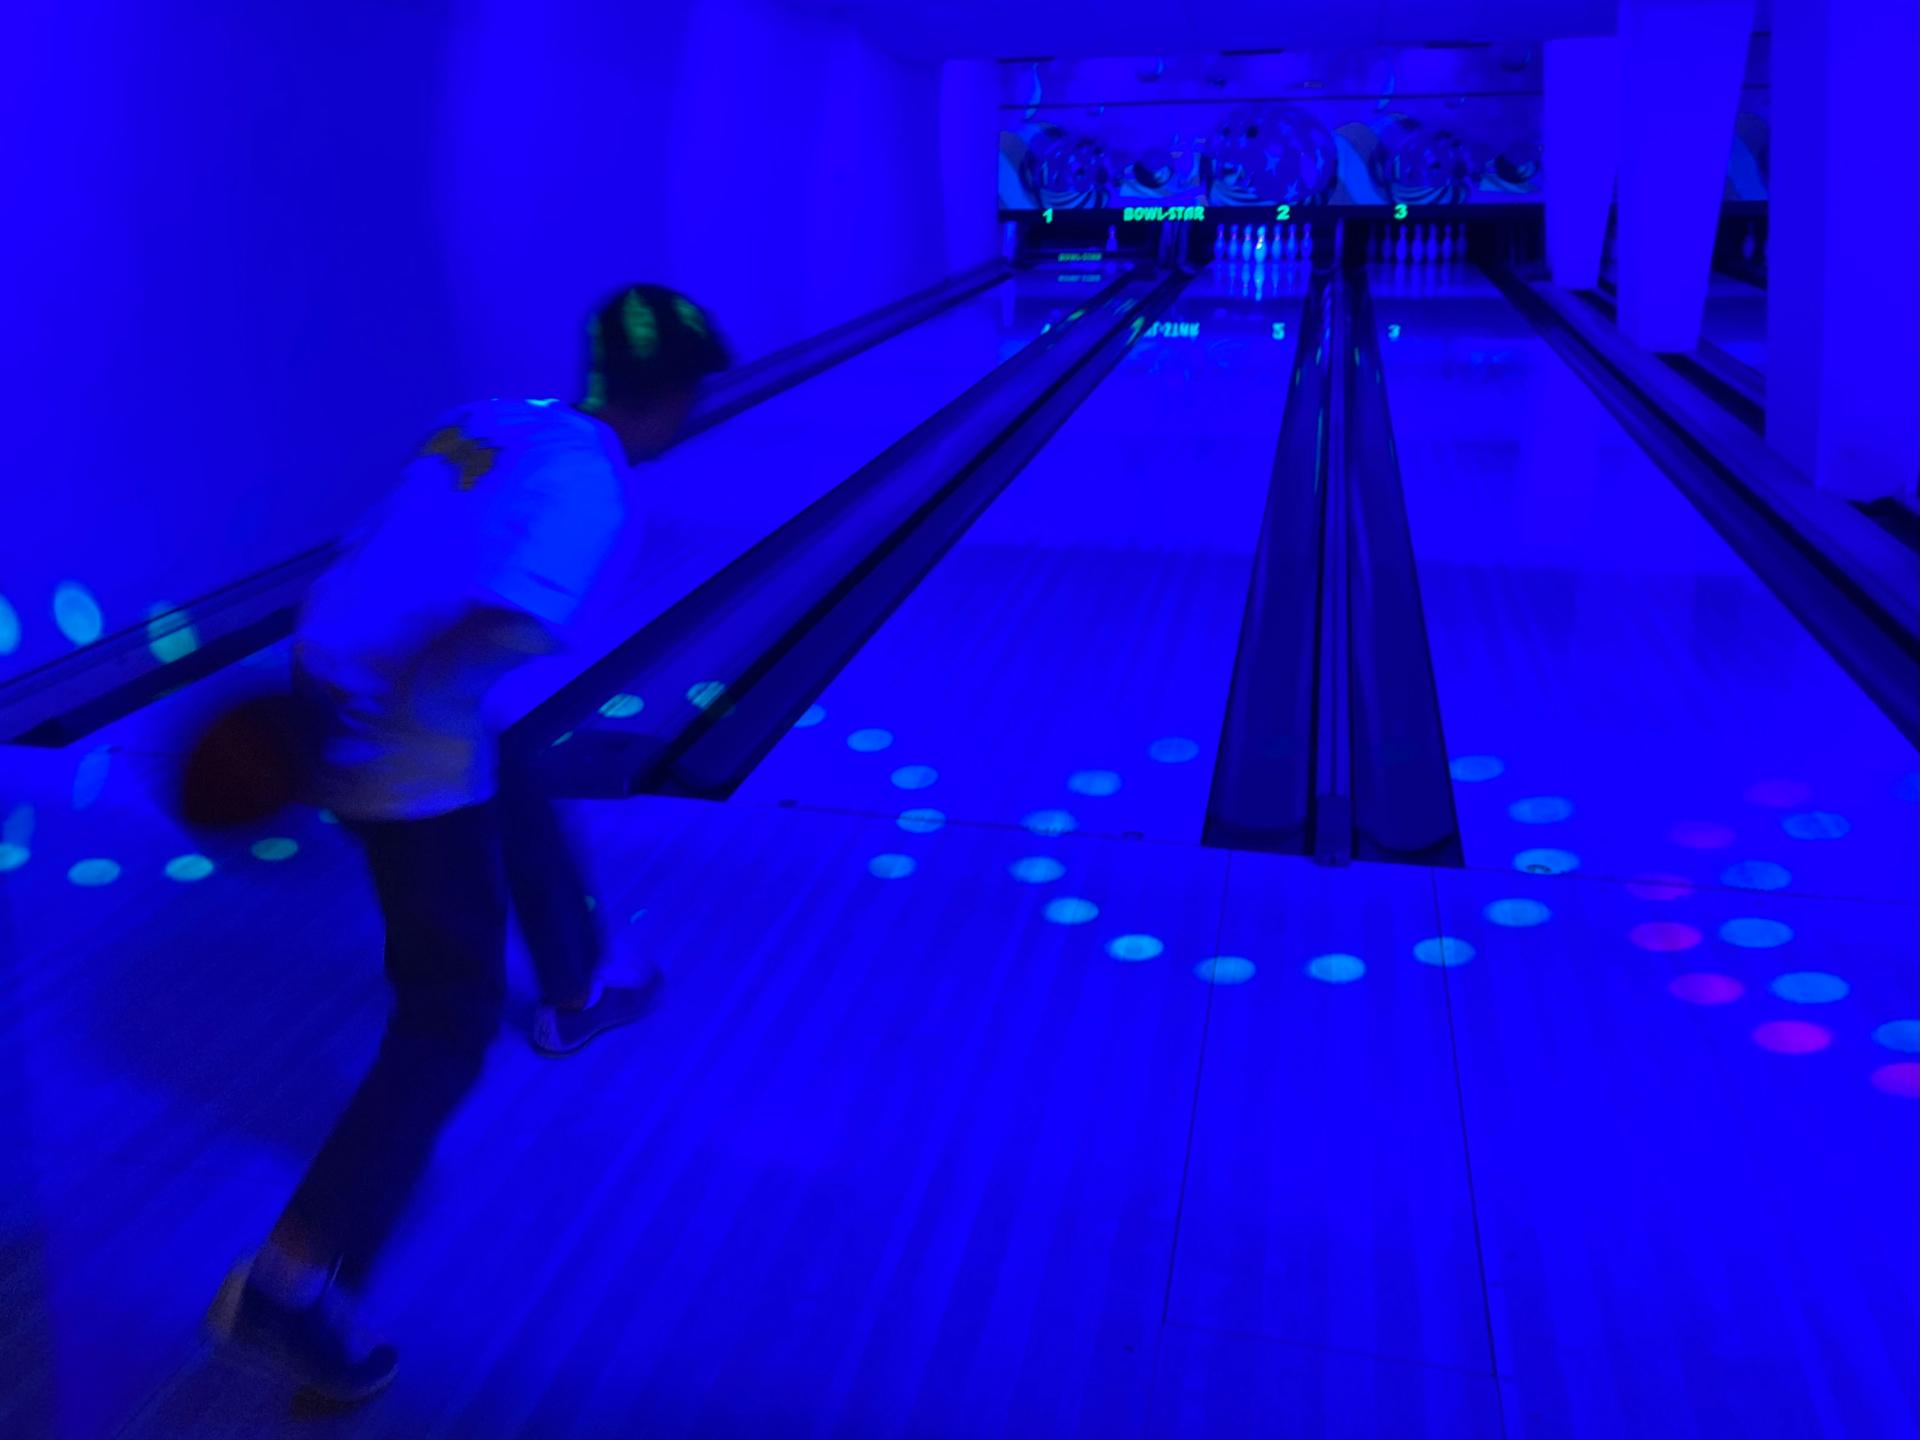 ehemaliger Konfirmand wirft beim Schwarzlicht-Bowling in die Vollen